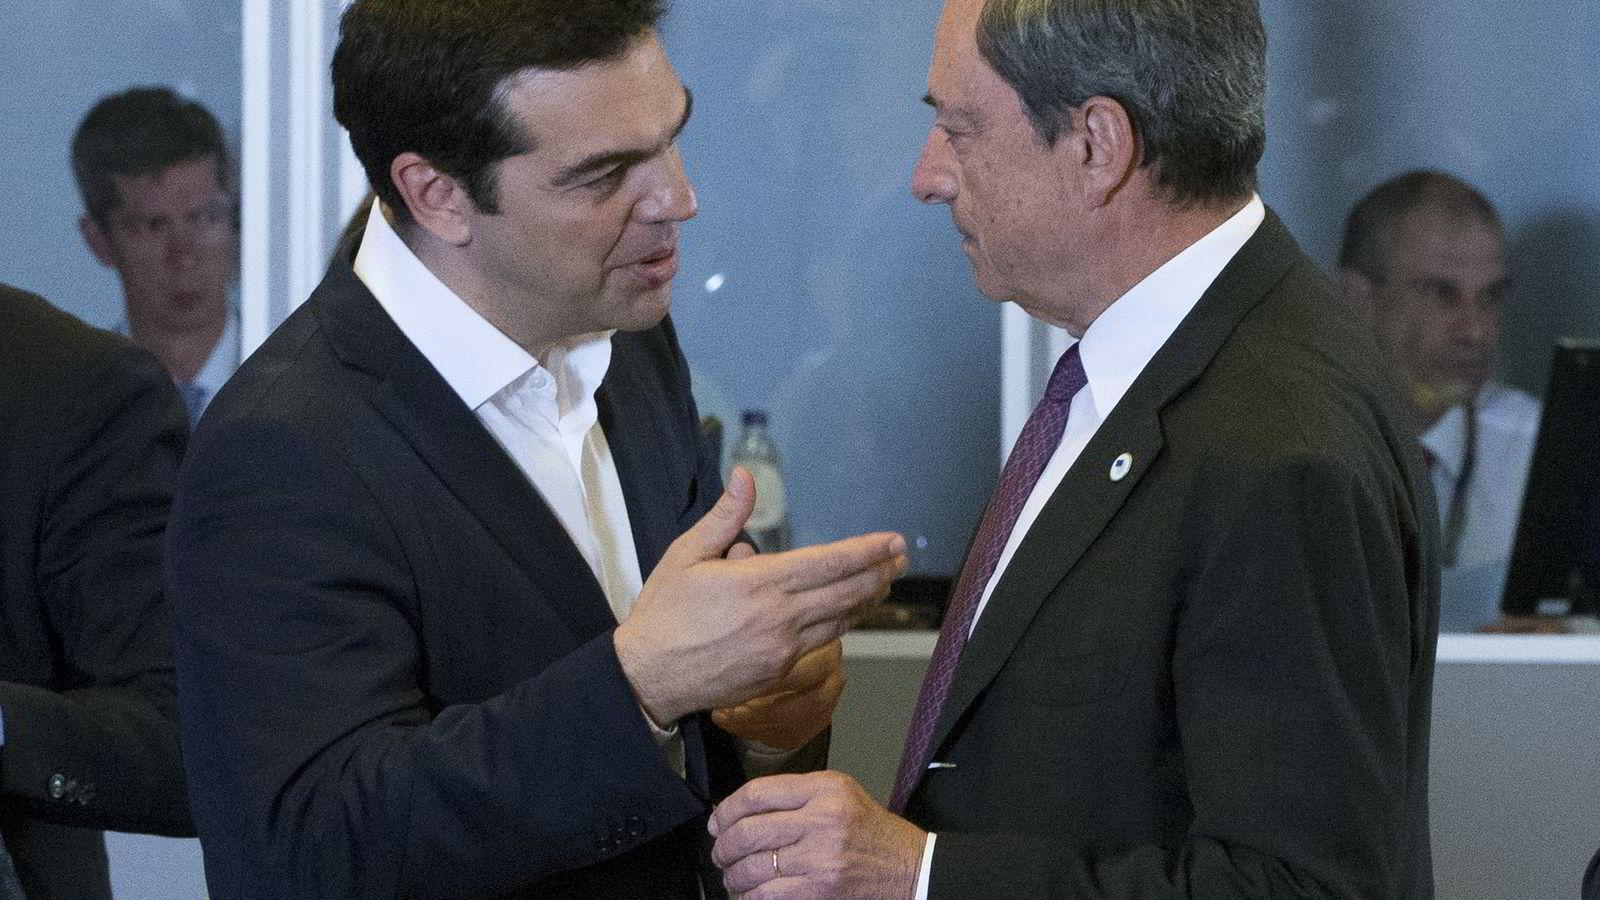 Hellas' statsminister kan bli tvunget ut av eurosonen om den europeiske sentralbanksjefen Mario Draghi stopper strømmen av nødlikviditet. Foto: